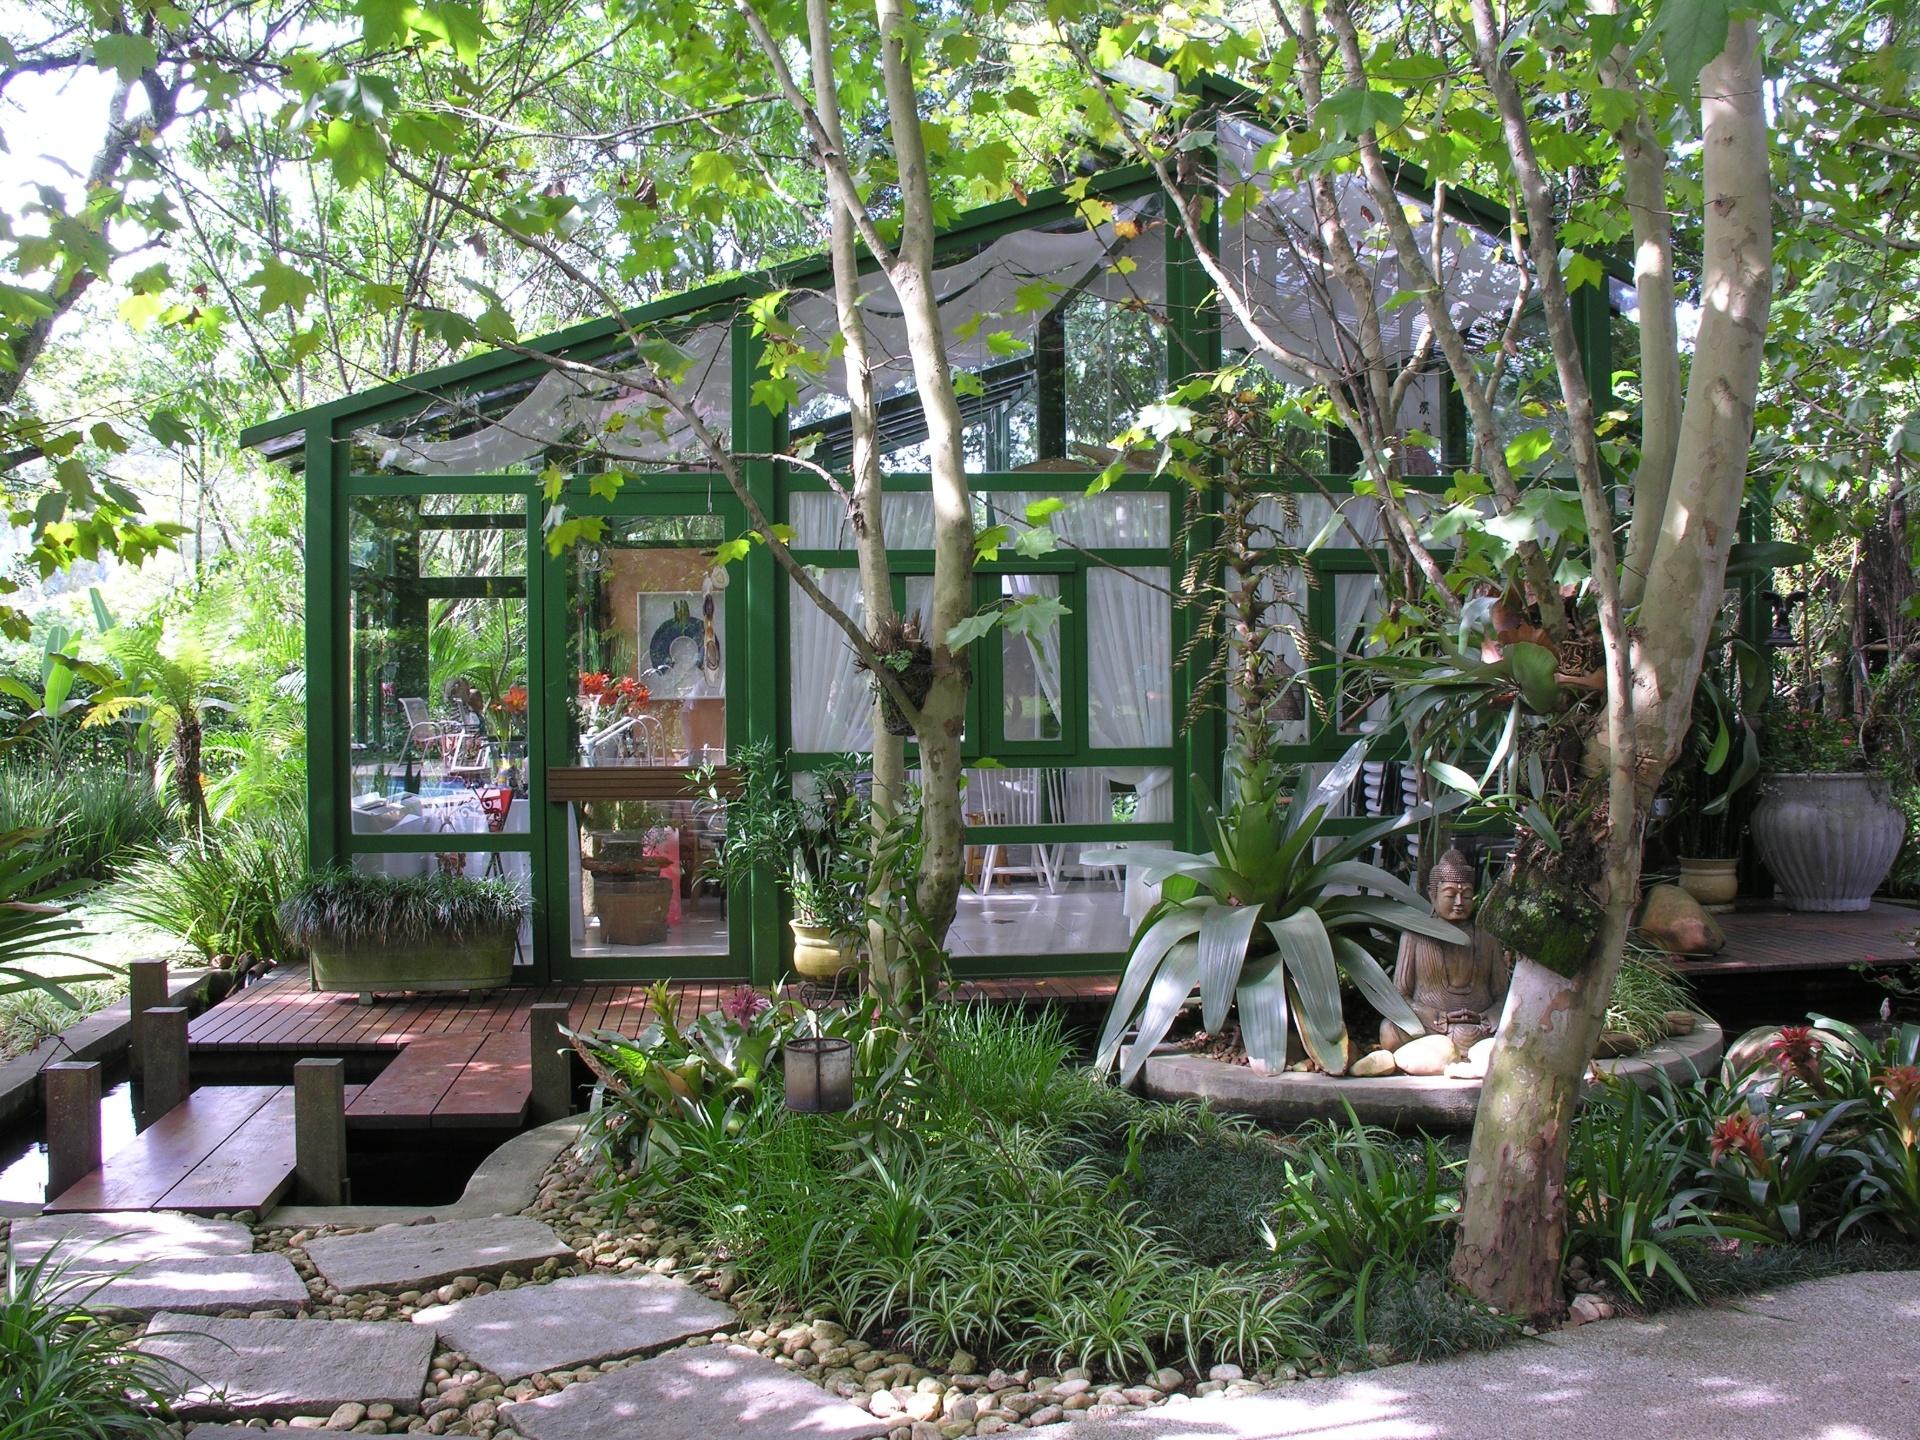 Em uma casa de Alphaville, na Grande São Paulo, o paisagista João Jadão projetou um gazebo envidraçado. A construção leve e luminosa serve de abrigo para a prática da pintura e do relaxamento. As árvores (plátanos) eram originais do local e foram mantidas. Para complementar o paisagismo, Jadão usou bromélias imperiais, clorofitos e grama preta, formando um jardim verdejante